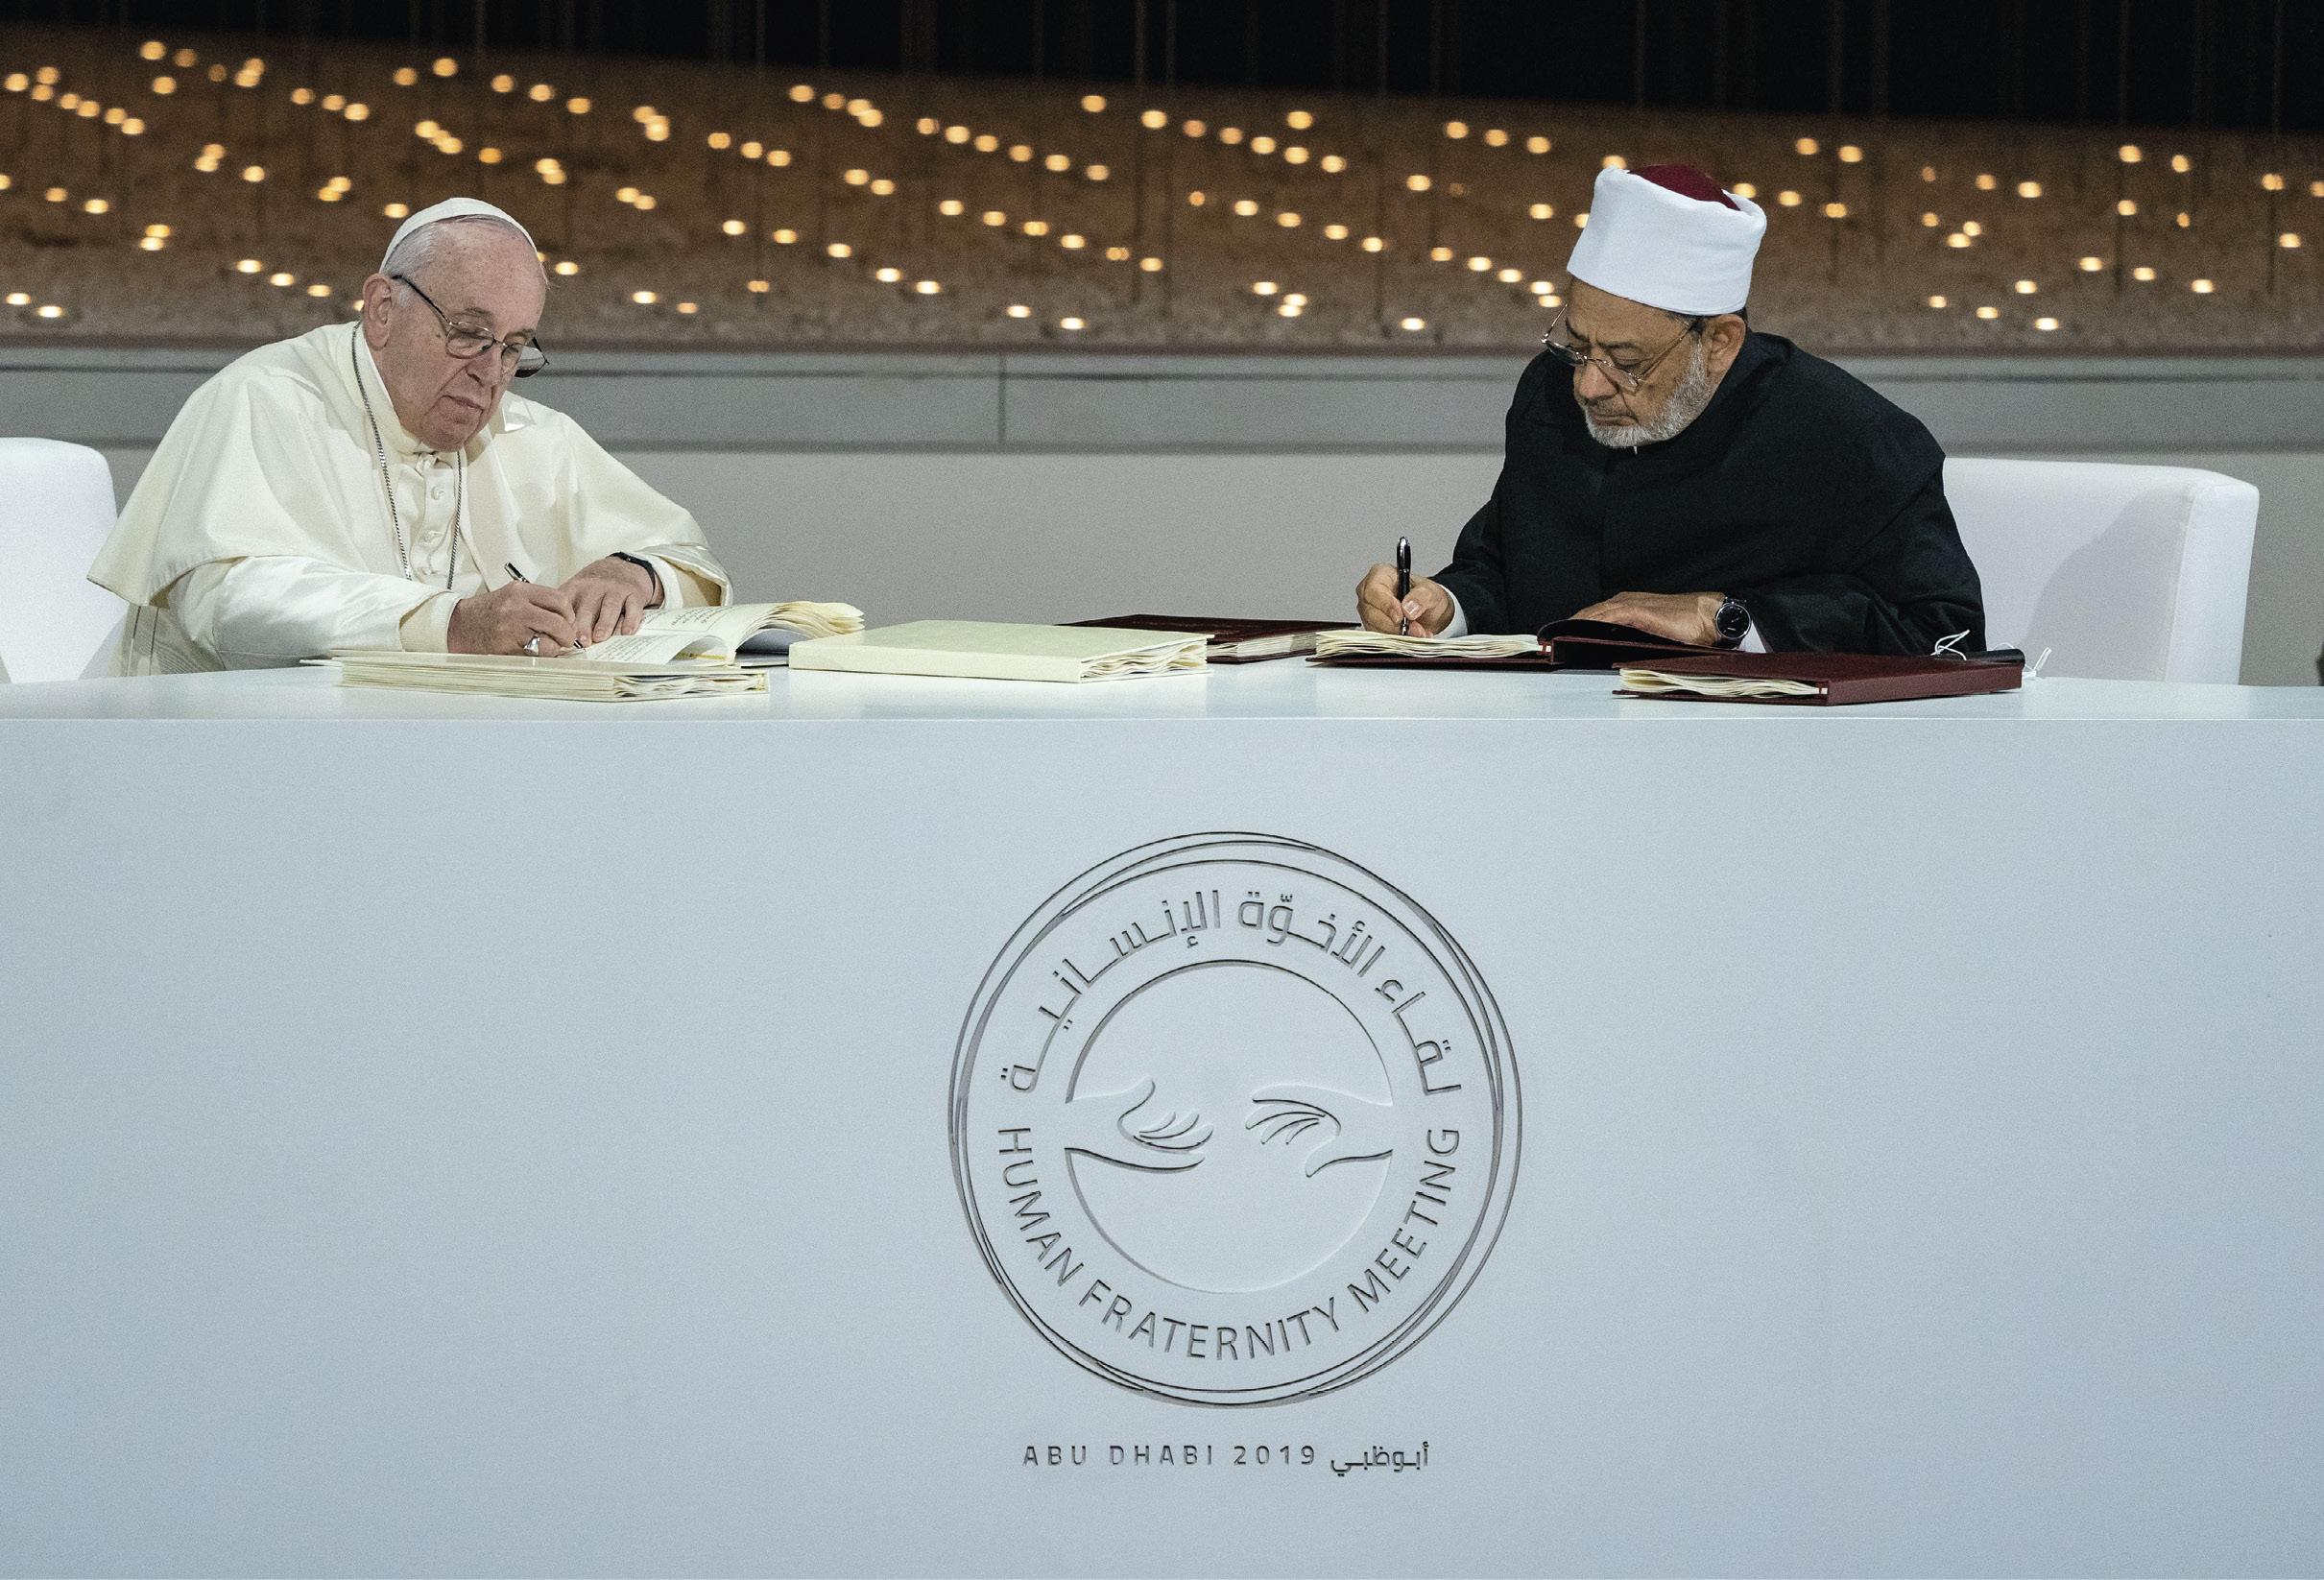 O Papa Francisco e Ahmad Al Tayyeb, Grande Imã do Al Azhar Al Sharif, assinam o 'Documento da Fraternidade Humana', durante o Encontro da Fraternidade Humana, no The Founders Memorial, em Abu Dhabi, Emirados Árabes Unidos. Foto Hamad Al Mansoori / Ministry of Presidential Affairs.